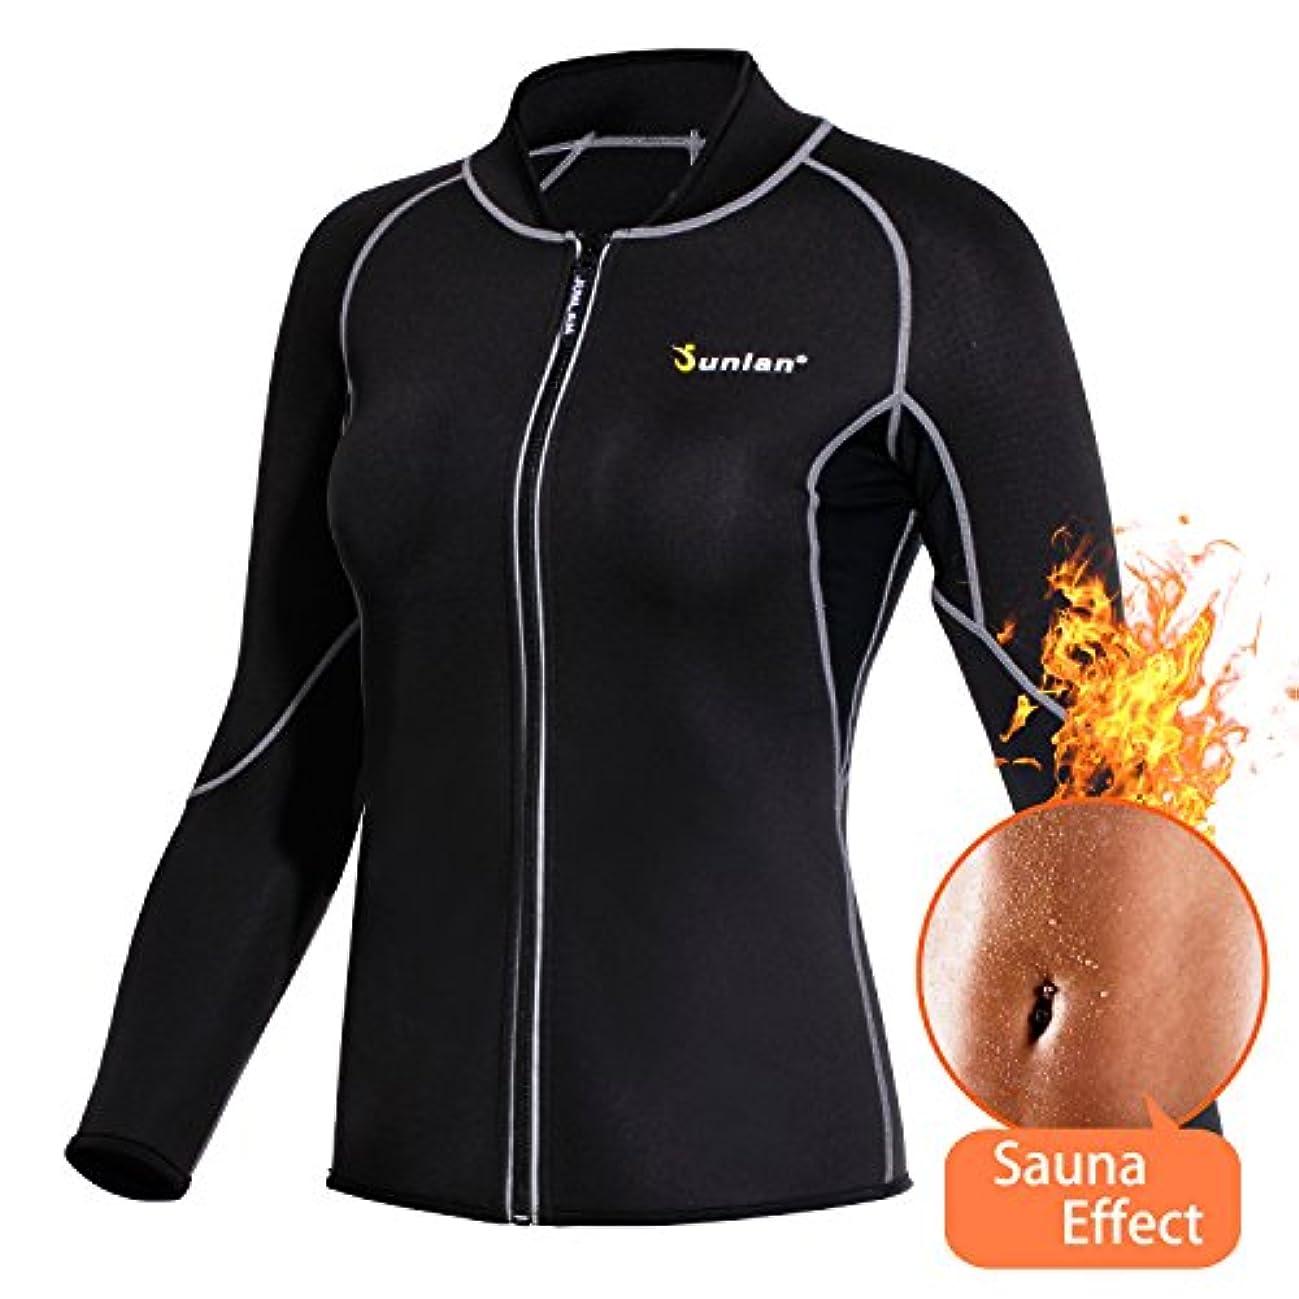 感謝している違う生き返らせるレディースホット汗重量損失シャツネオプレンボディシェイパーサウナジャケットスーツワークアウトロングトレーニング服Fat Burner Top